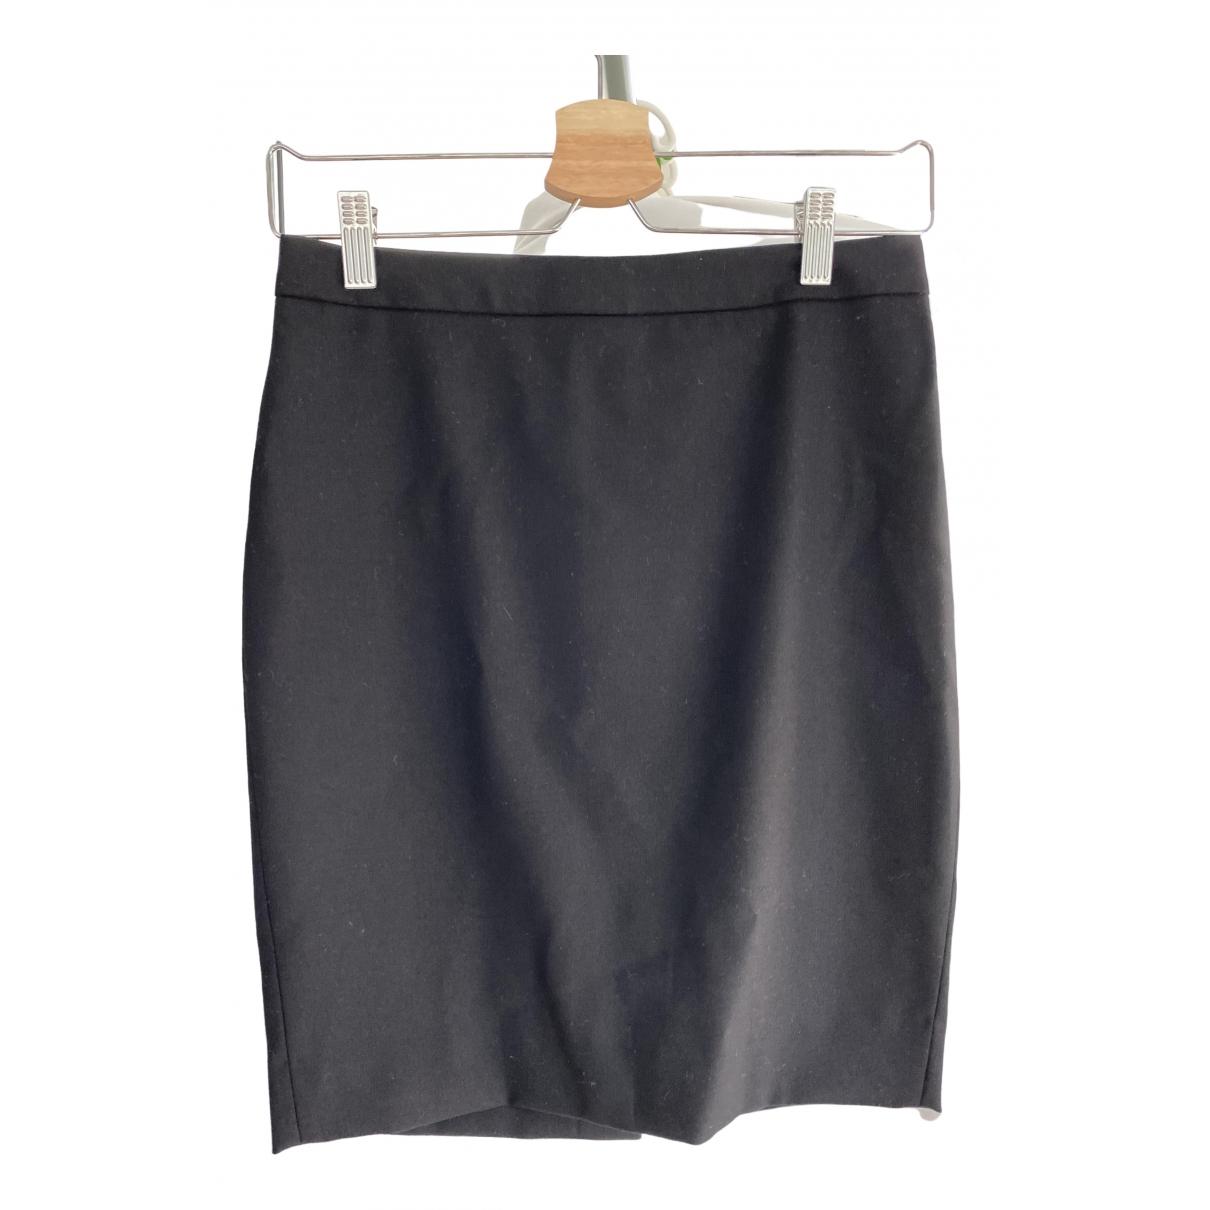 J.crew \N Black Wool skirt for Women XS International